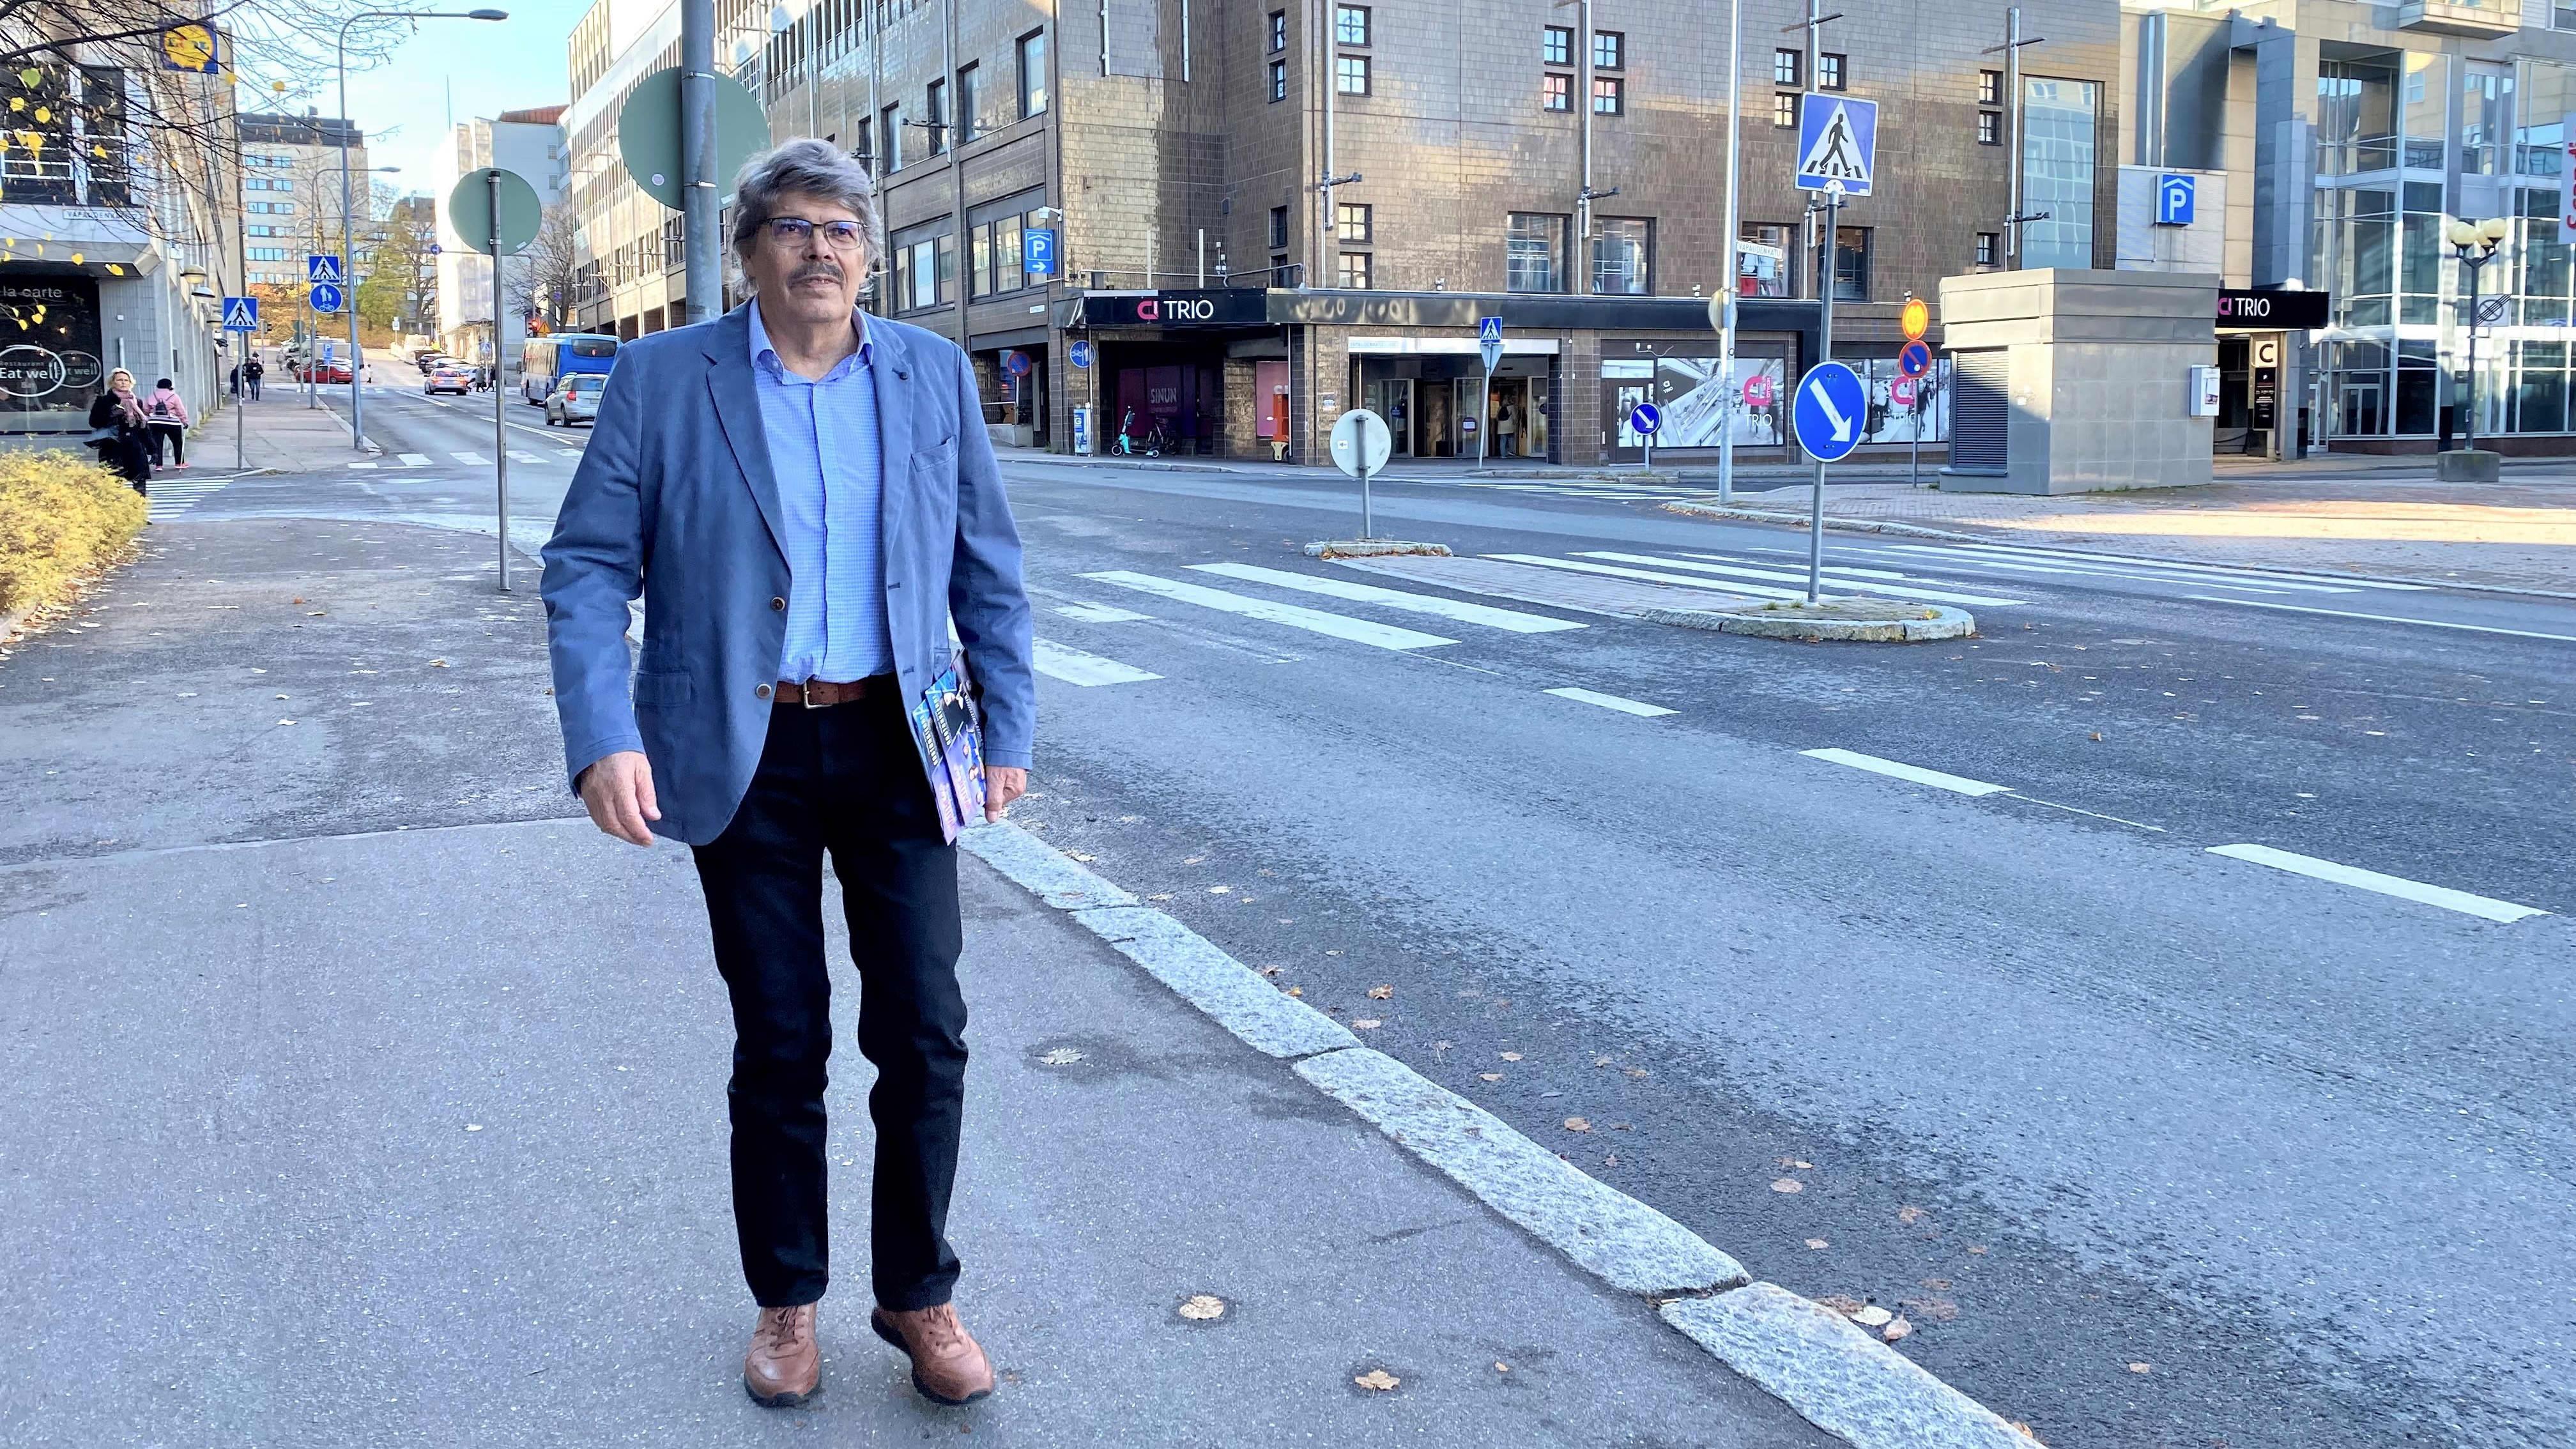 Kirjailija Timo Sandberg kävelee kadulla, taustalla kaupunkinäkymä ja kauppakeskus Trio Lahdessa.